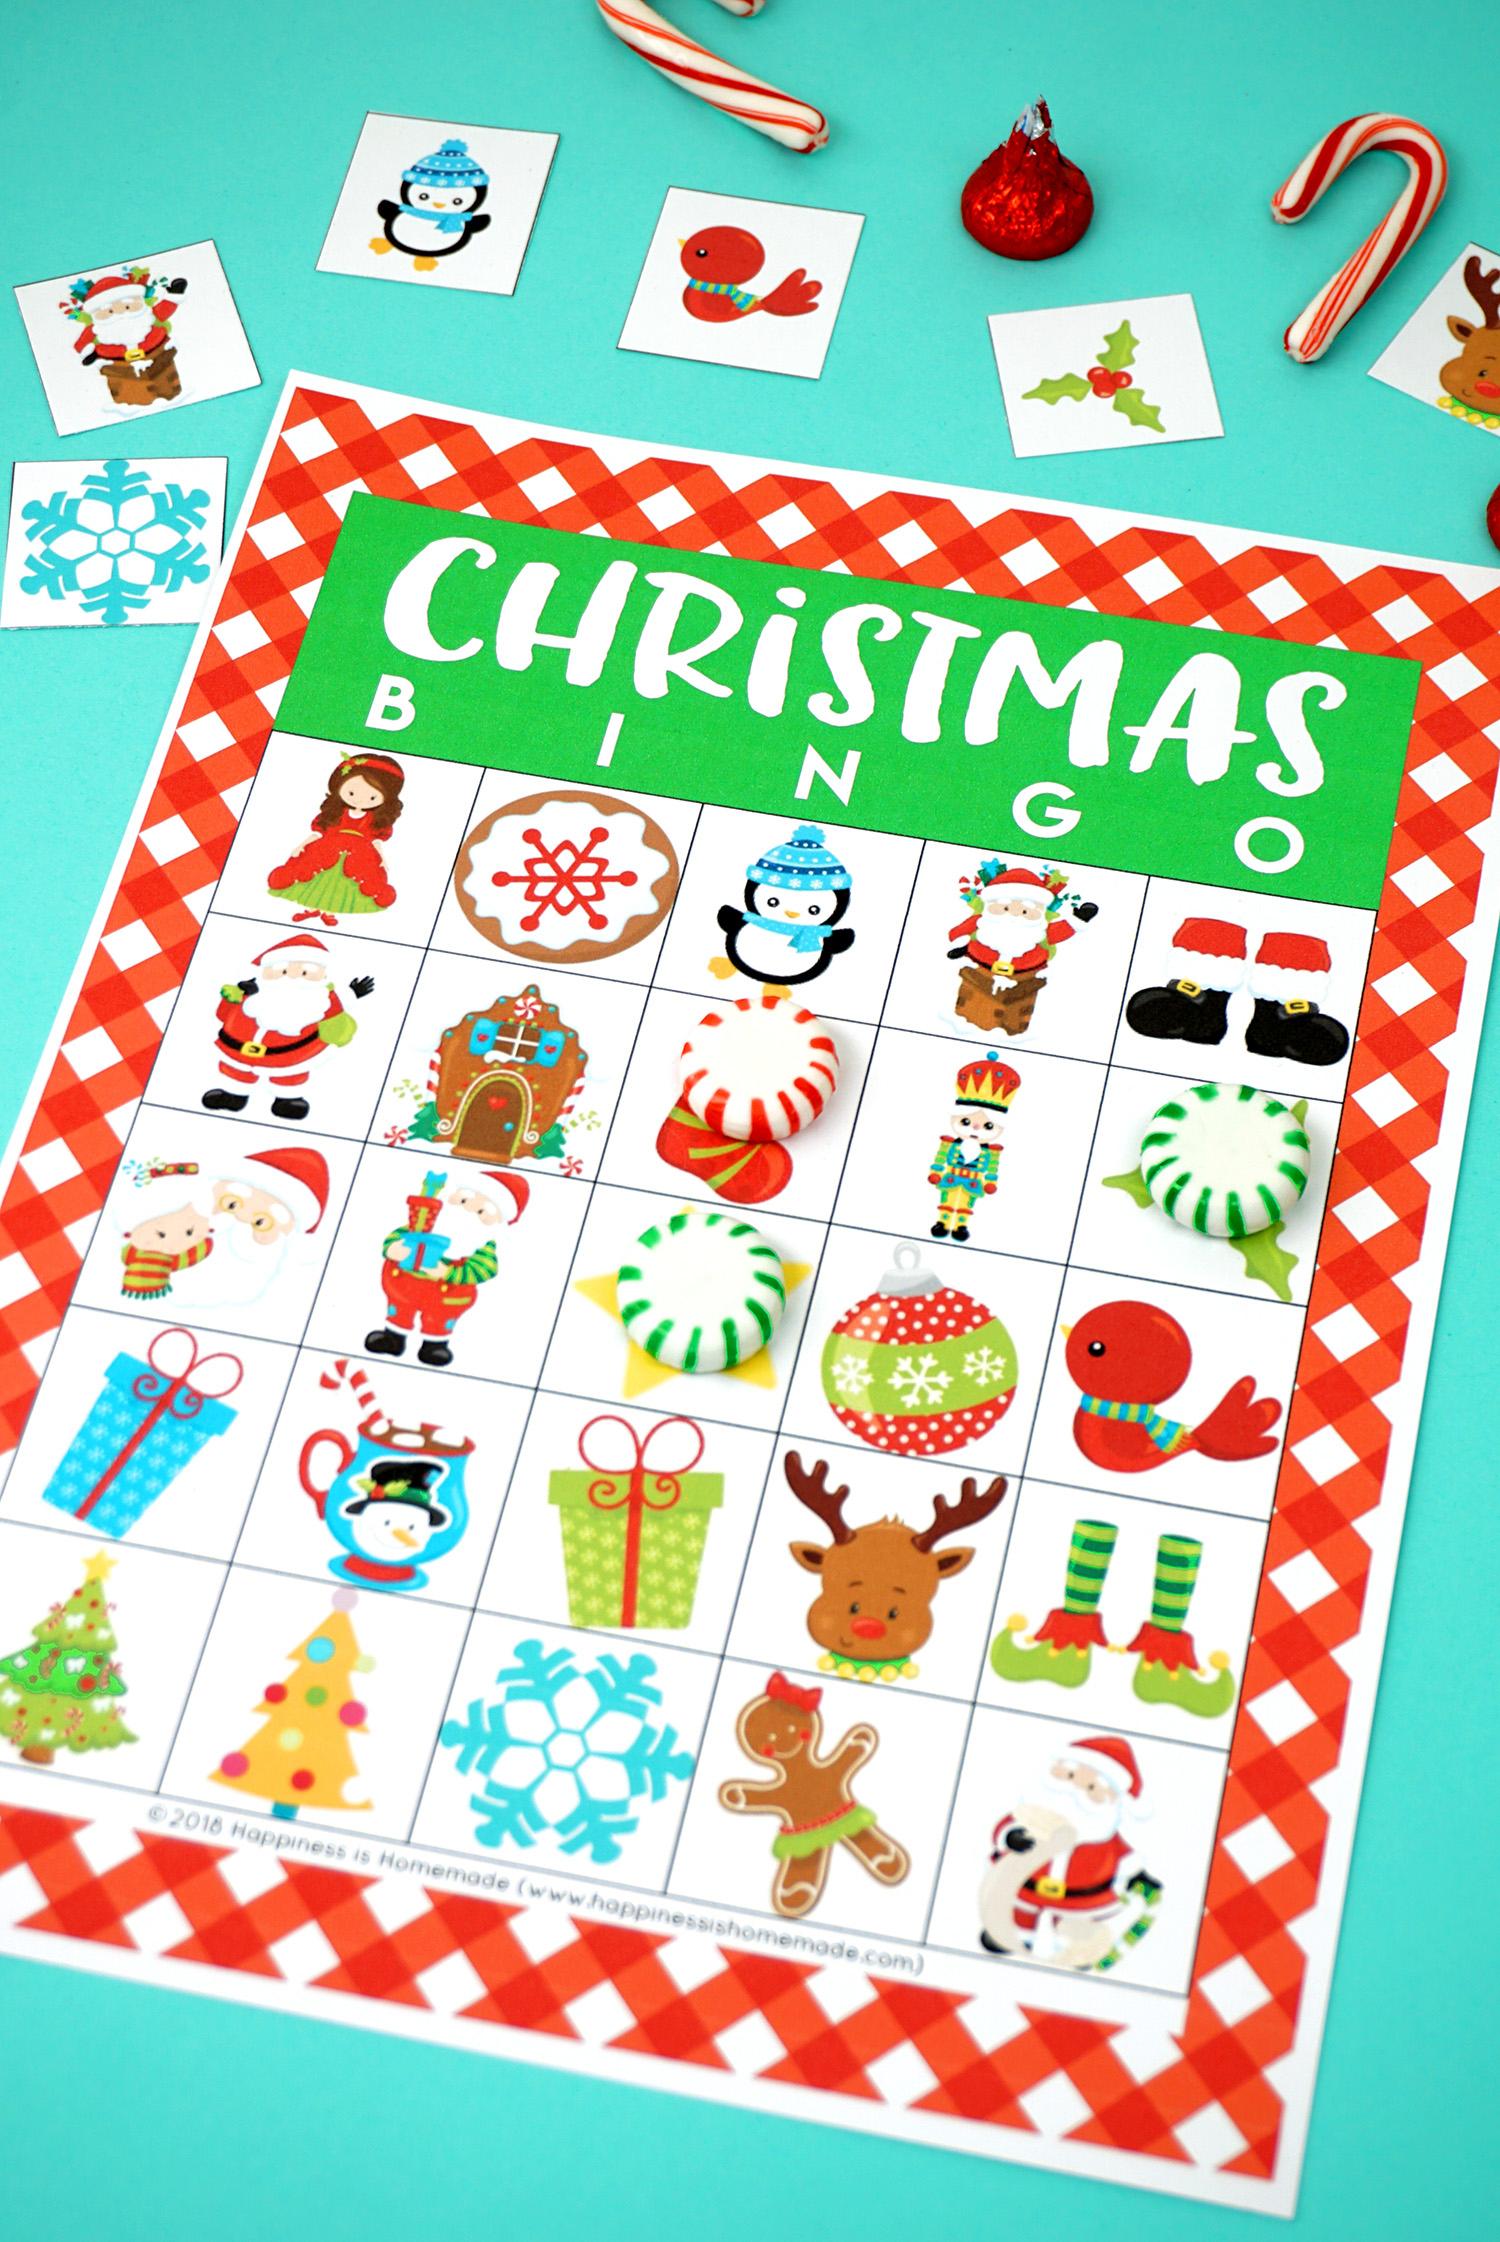 Printable Christmas Bingo Game - Happiness Is Homemade